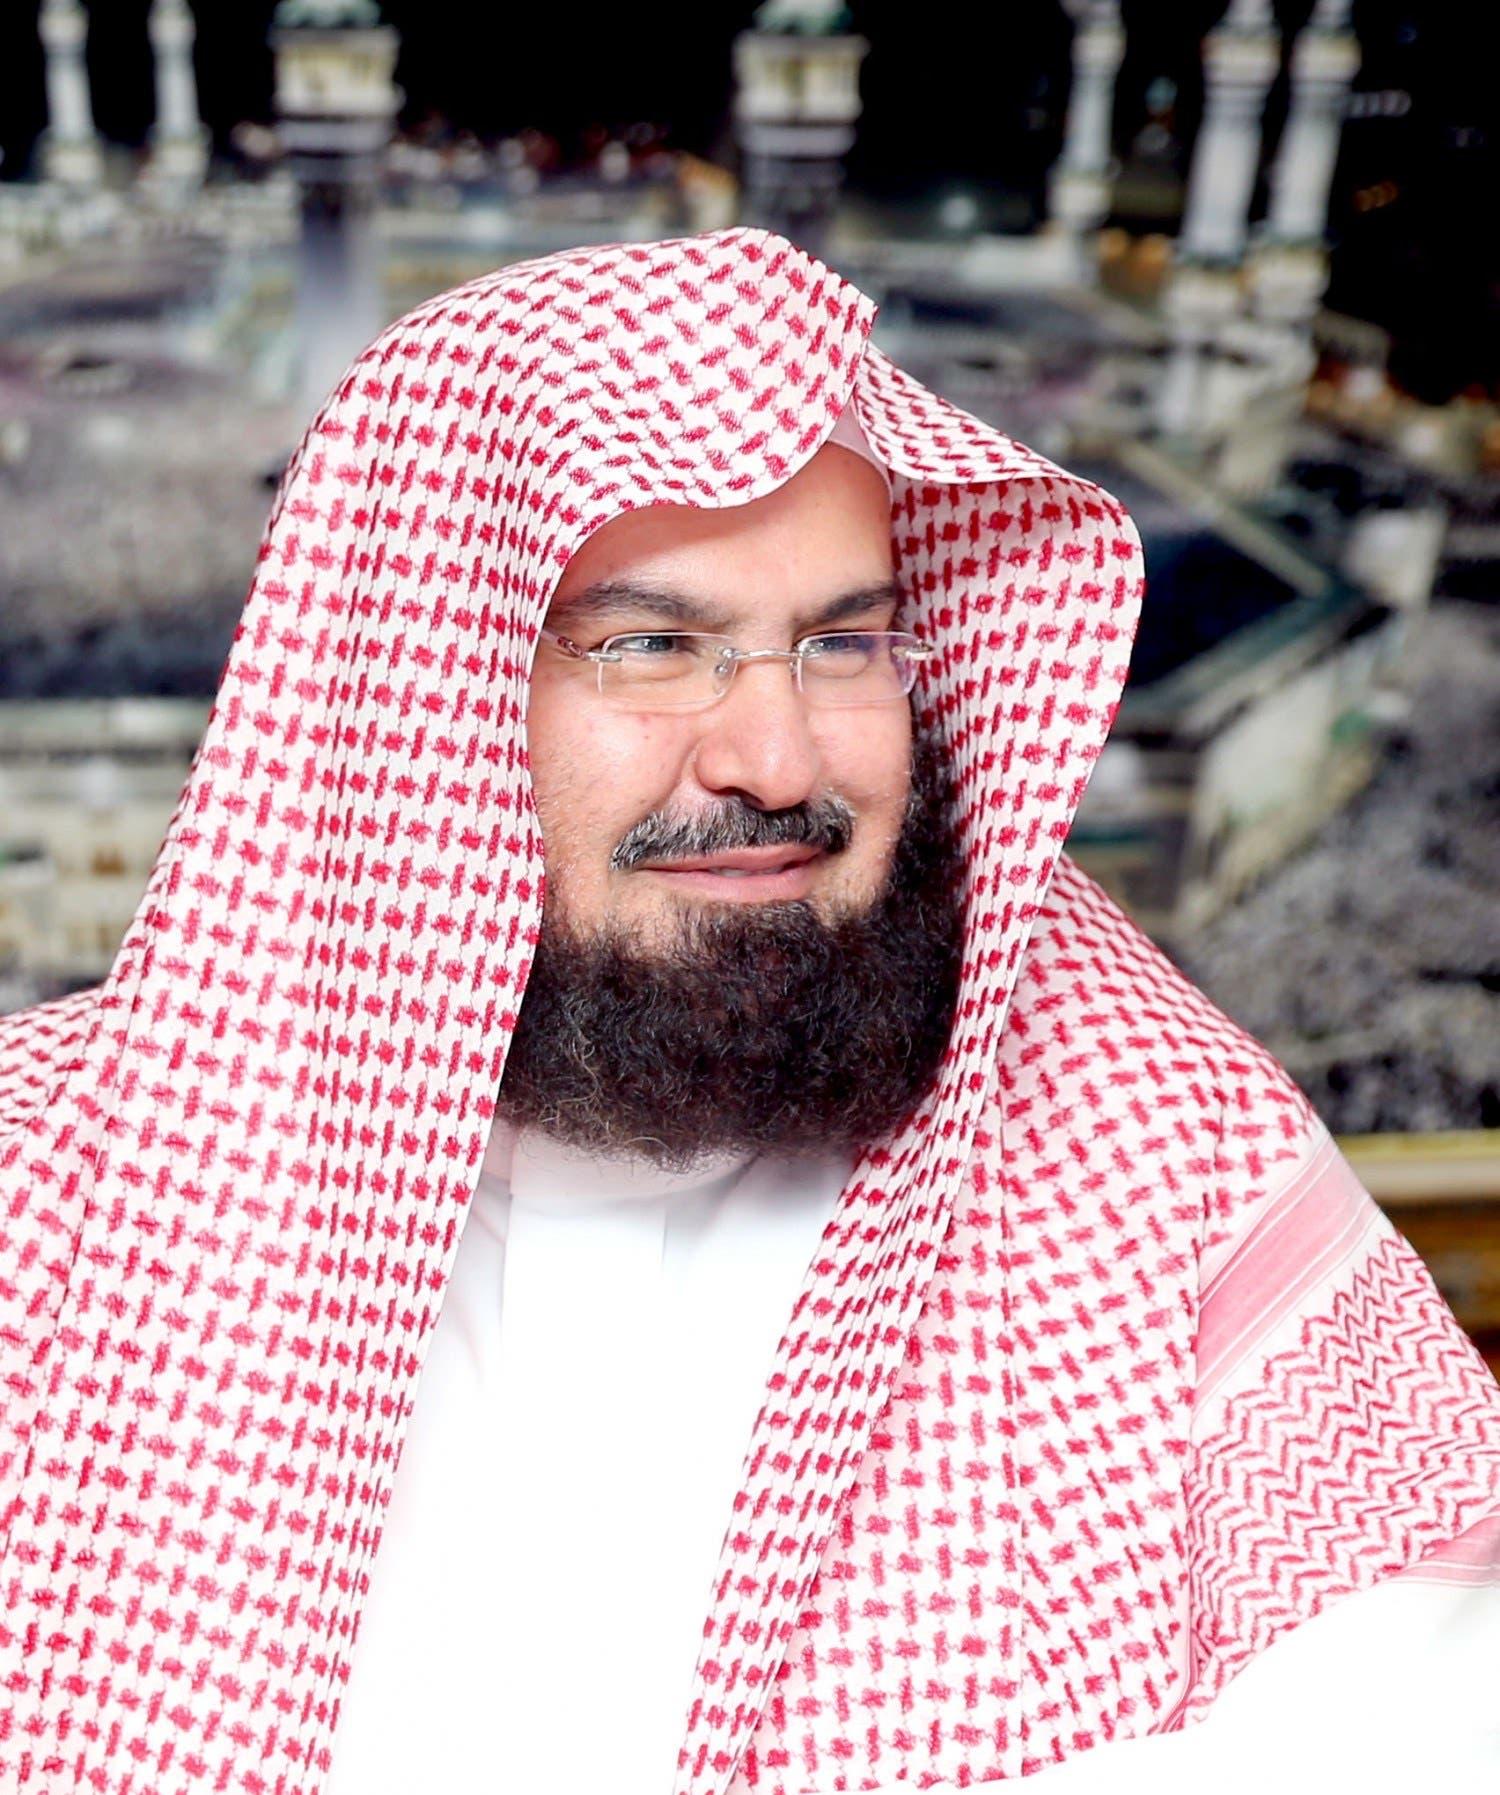 ڈاکٹر عبدالرحمان بن عبدالعزیز السدیس